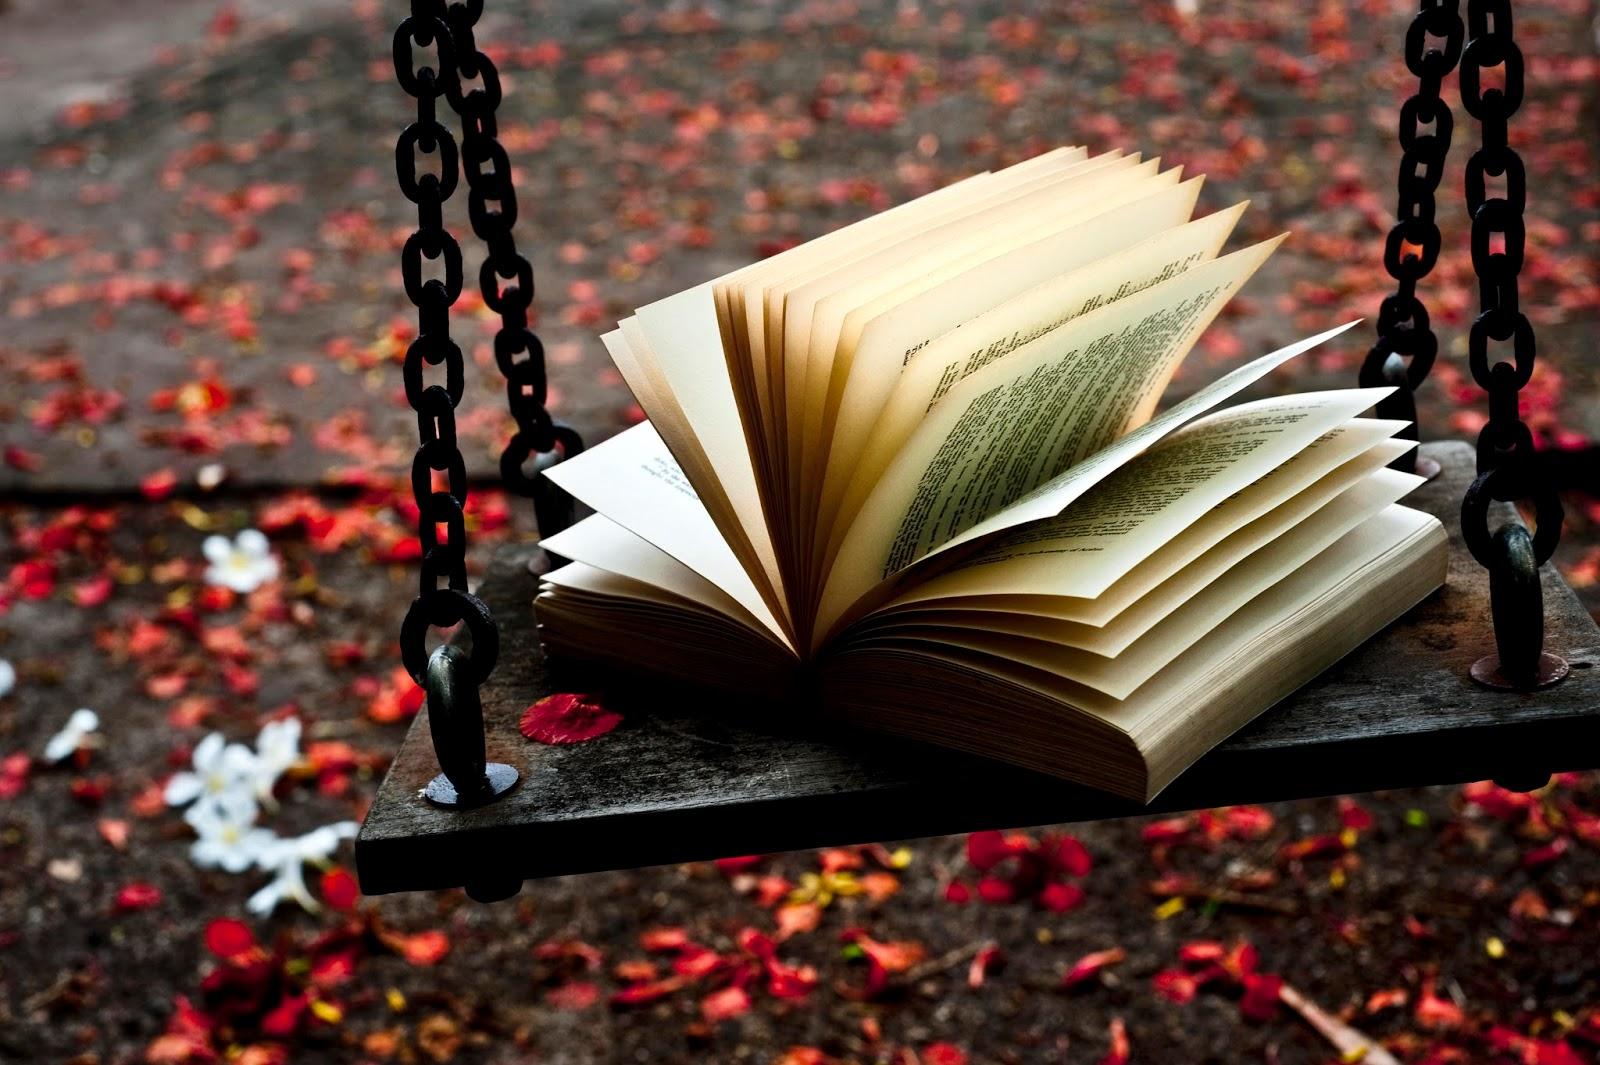 быстро картинки книг самые лучшие маленький